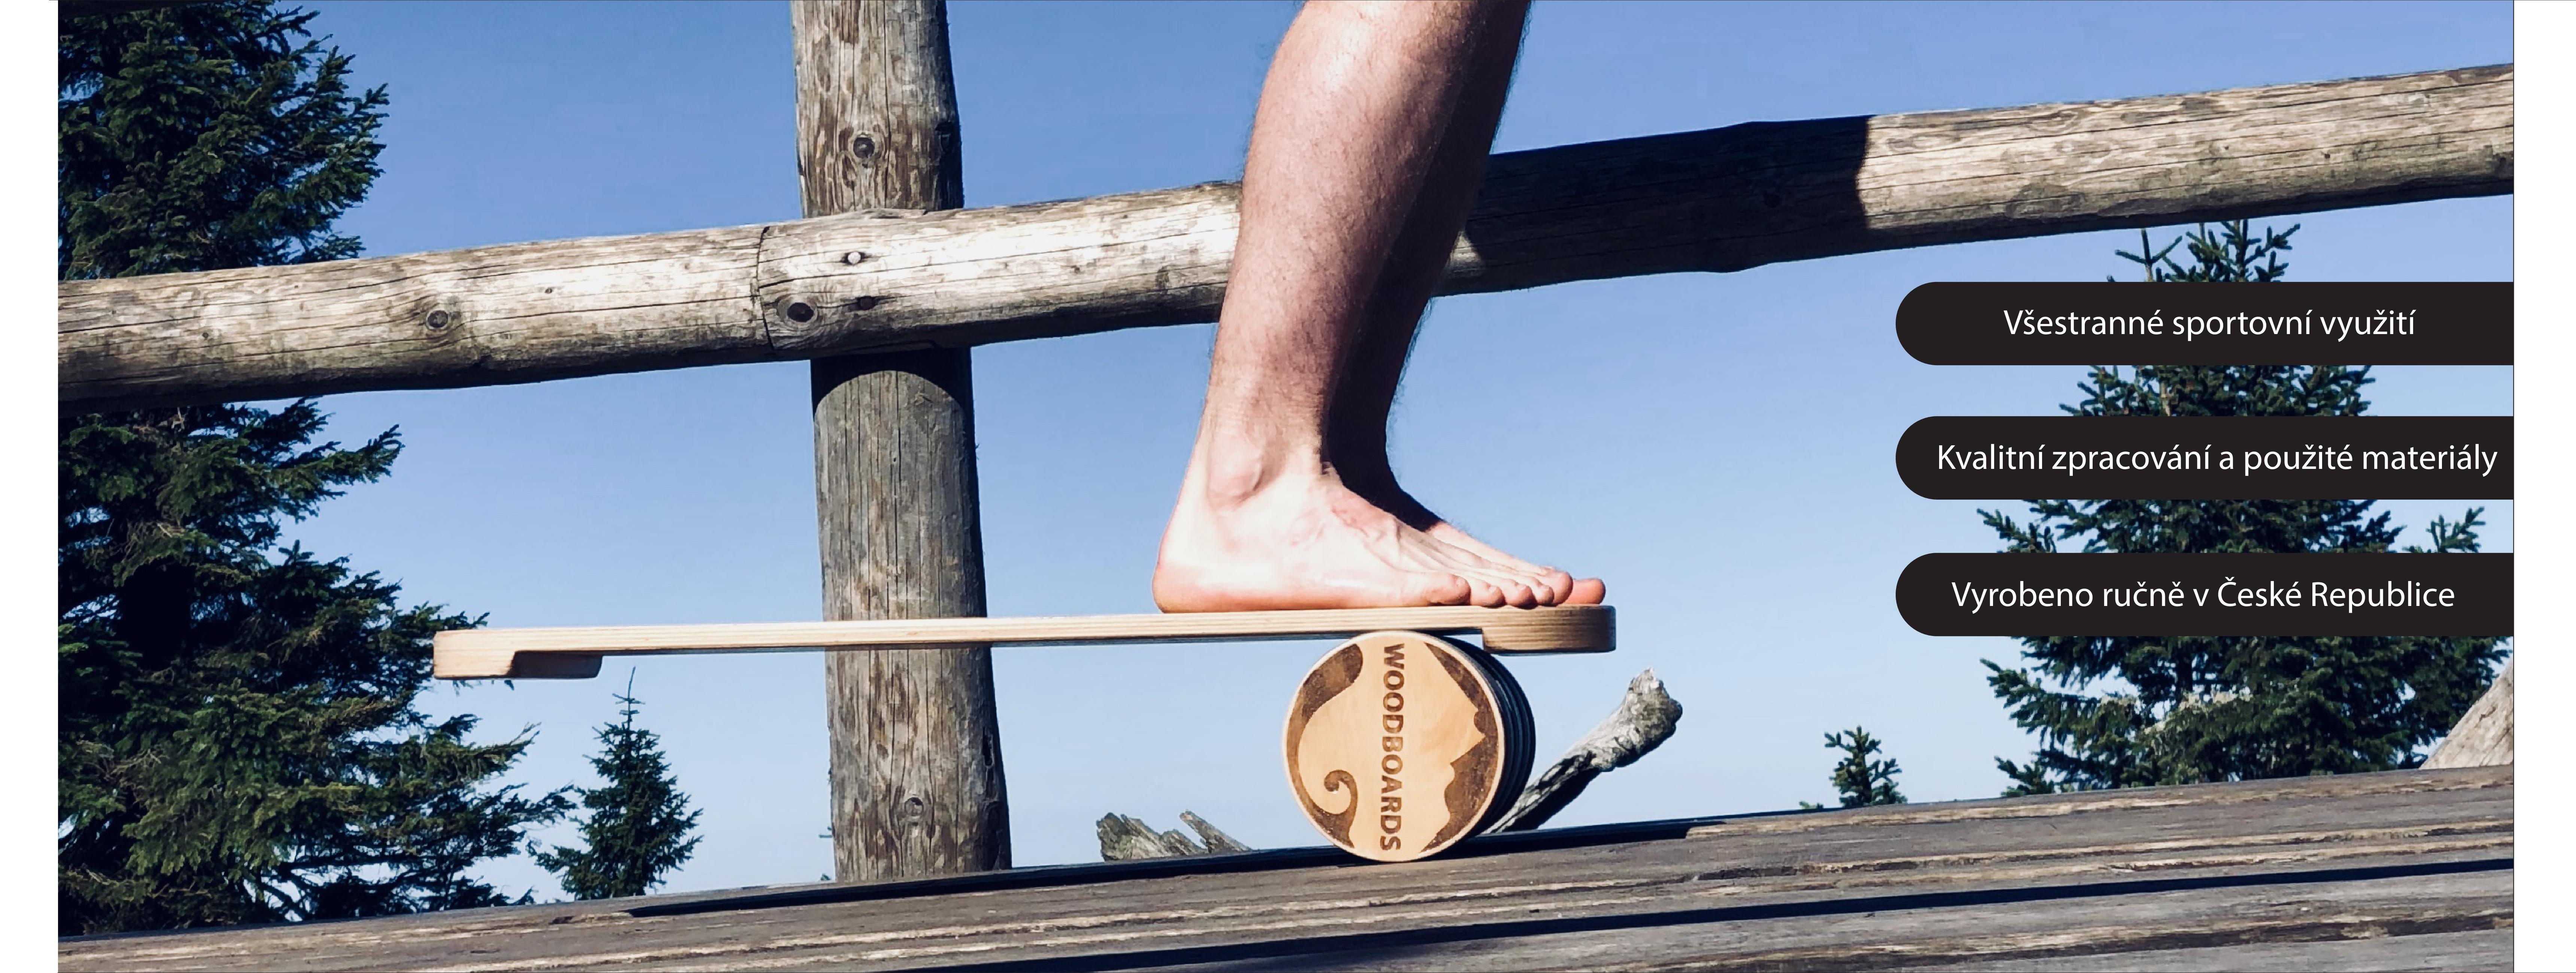 Woodboards balanční deska